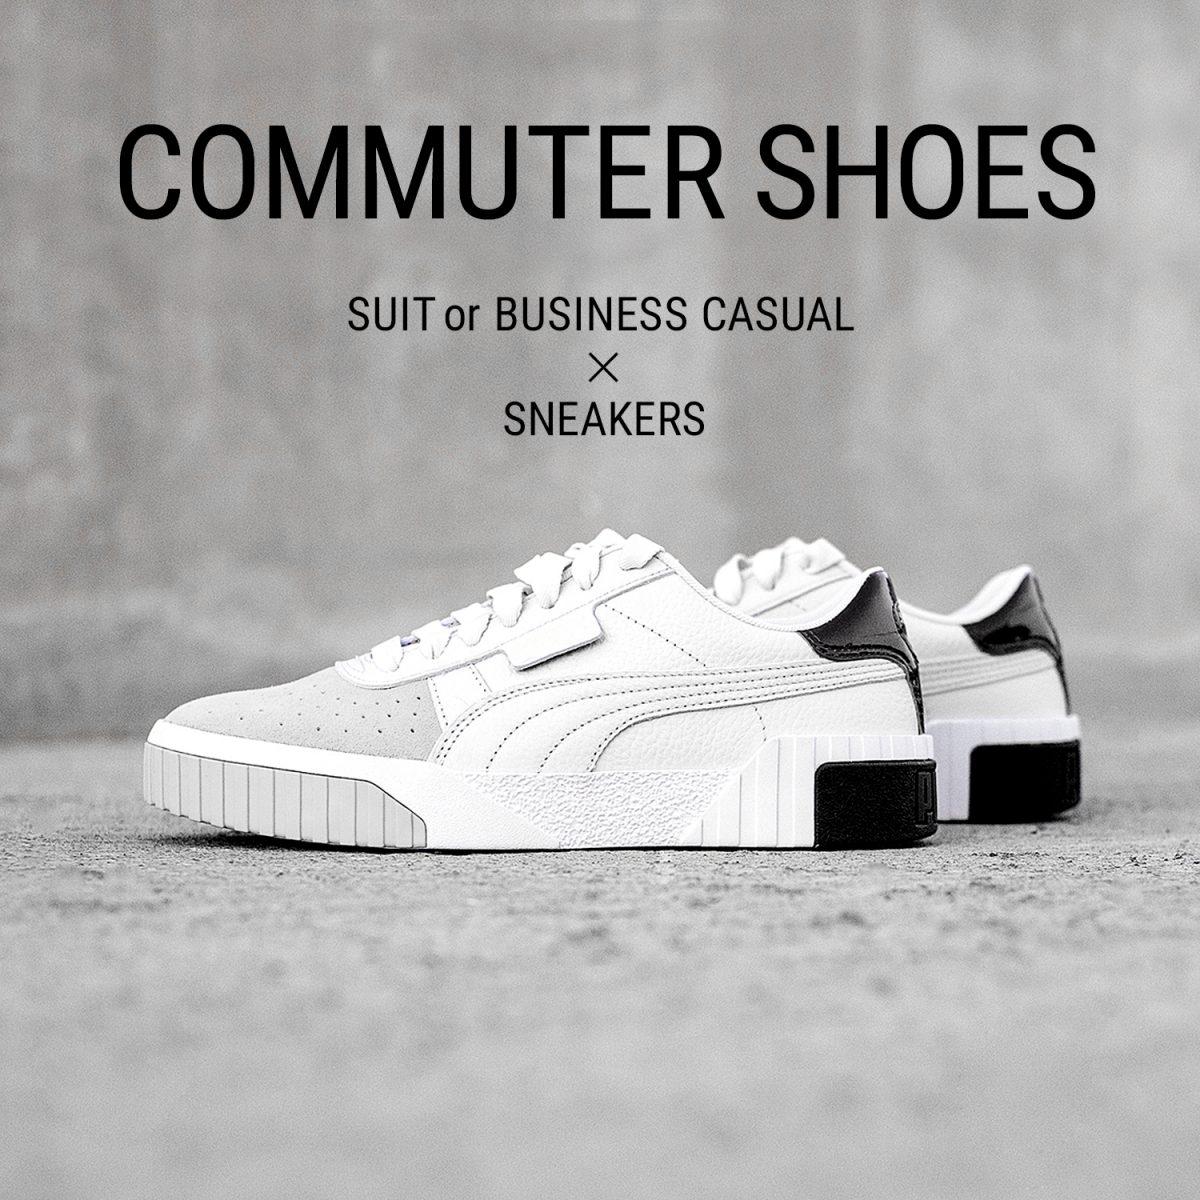 【スニーカー通勤】ビジネスカジュアルにおすすめ!スニーカーの選び方